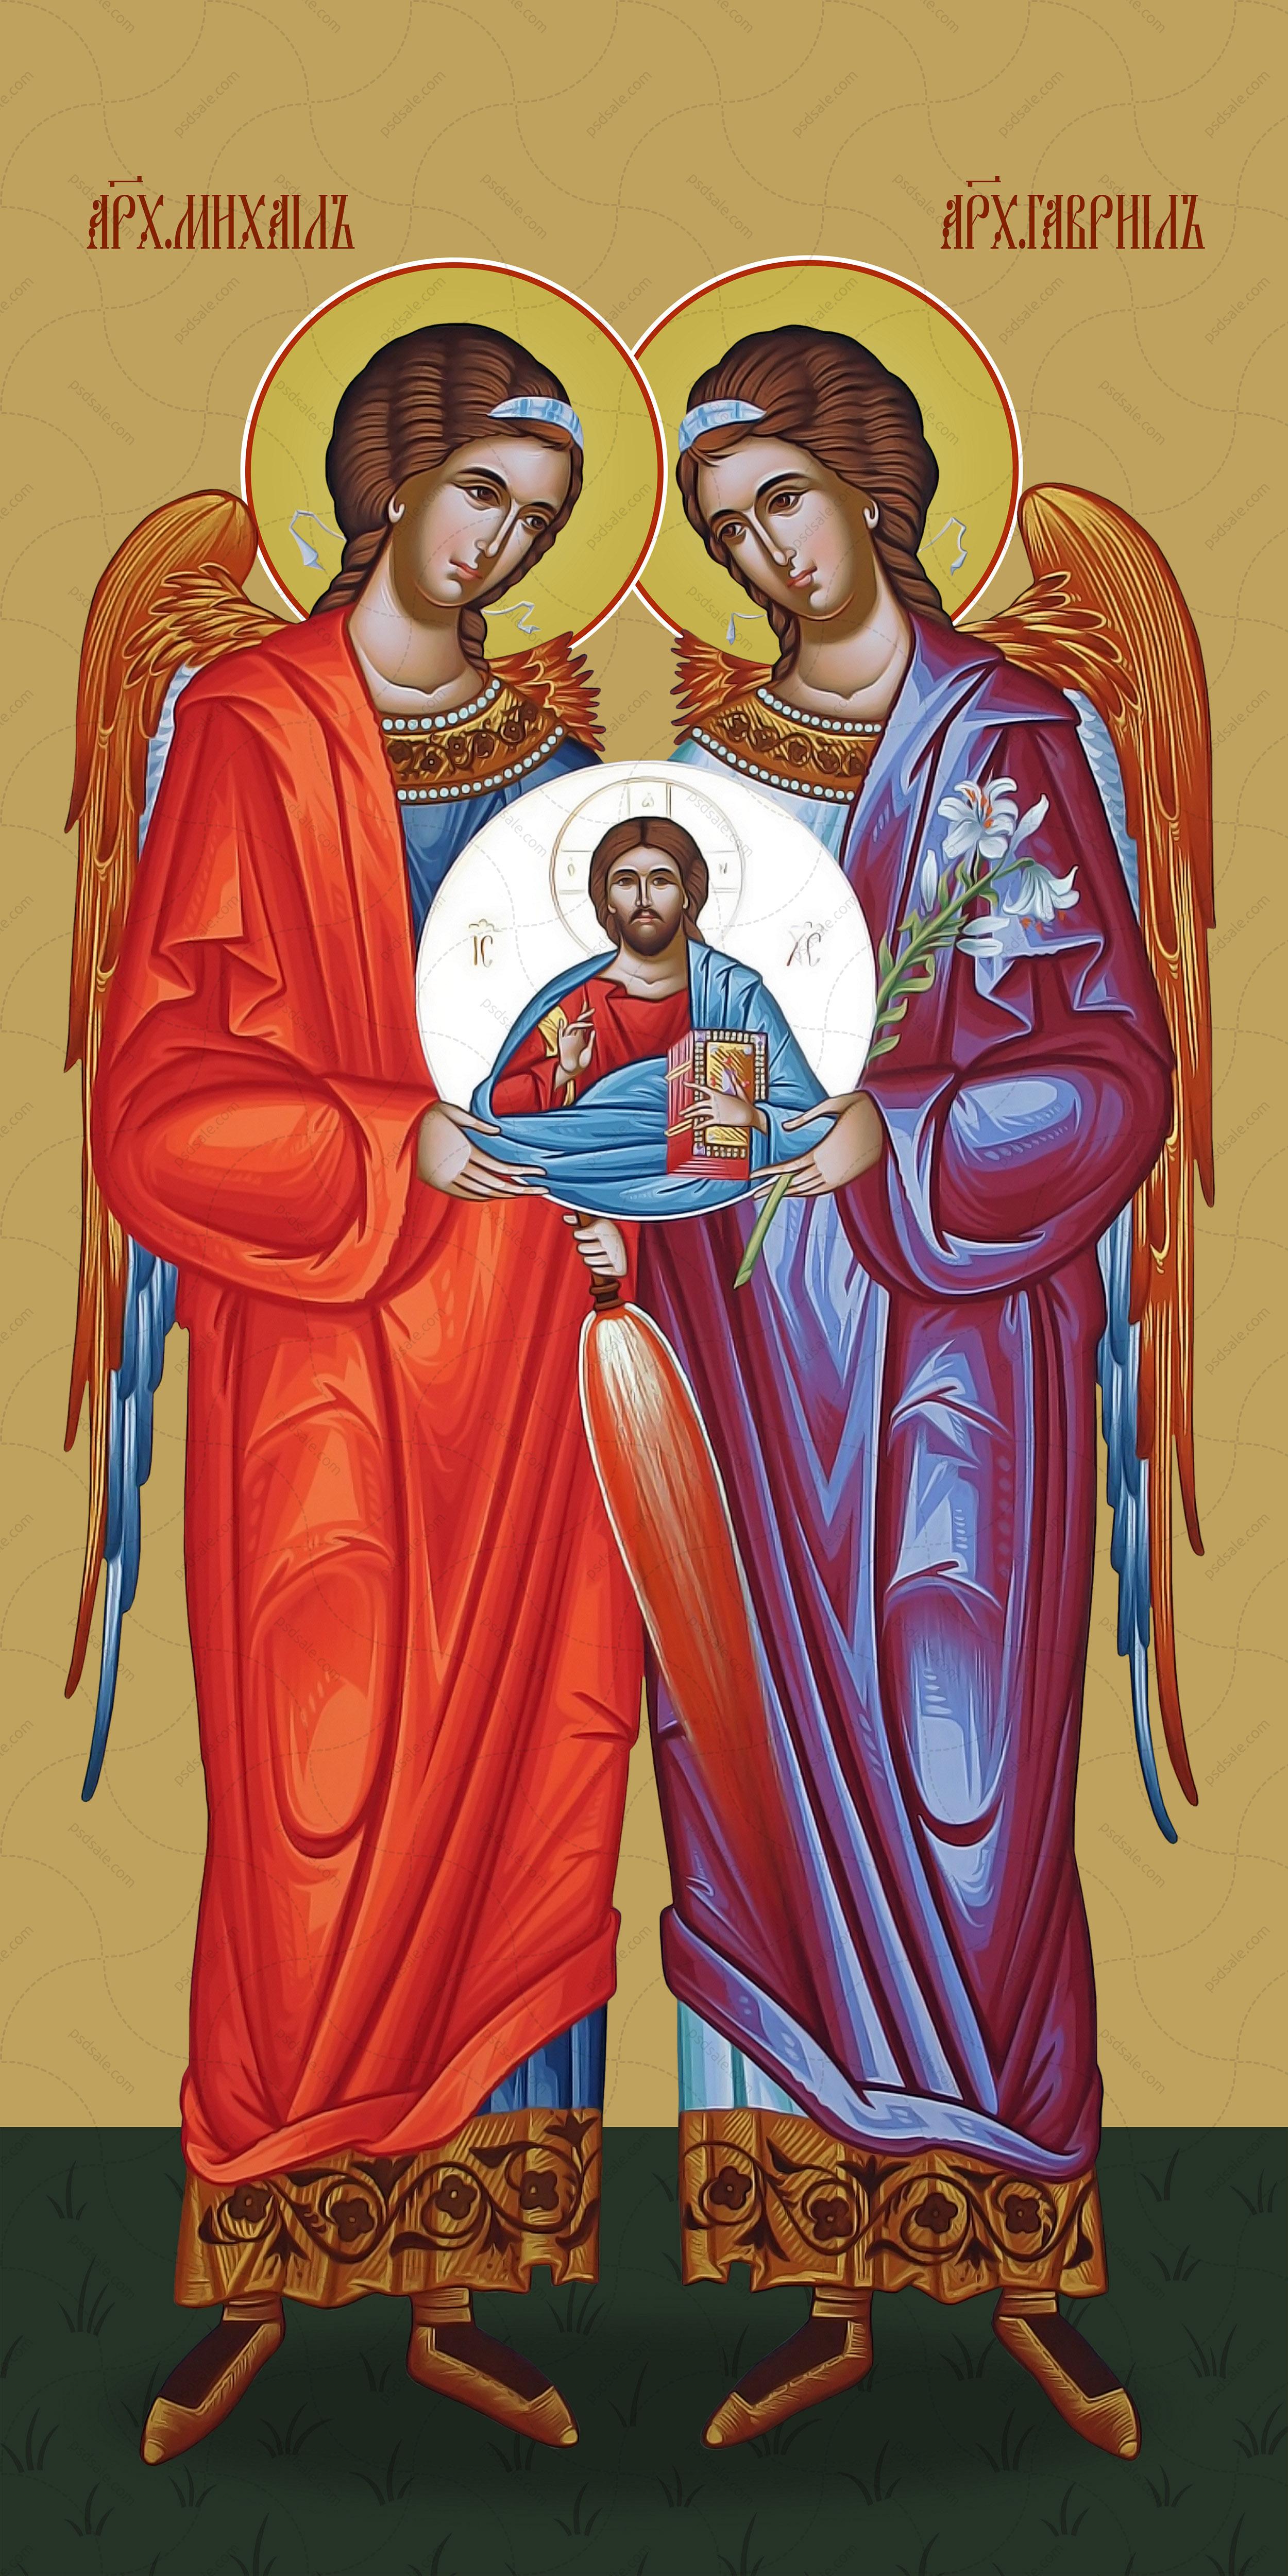 Мерная икона, Гавриил и Михаил, архангелы